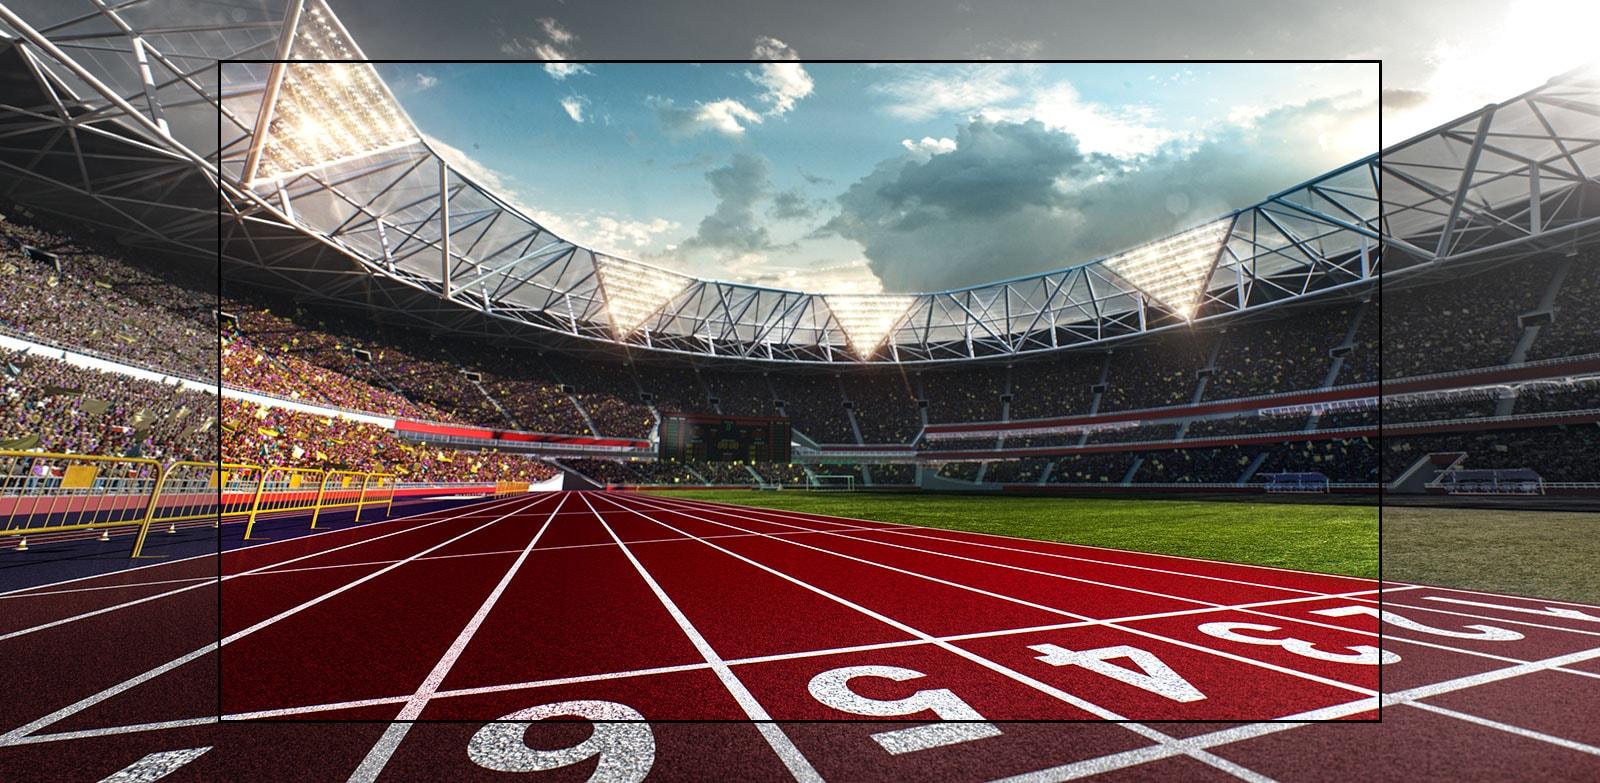 LG 43UN7190PTA Sports Experience